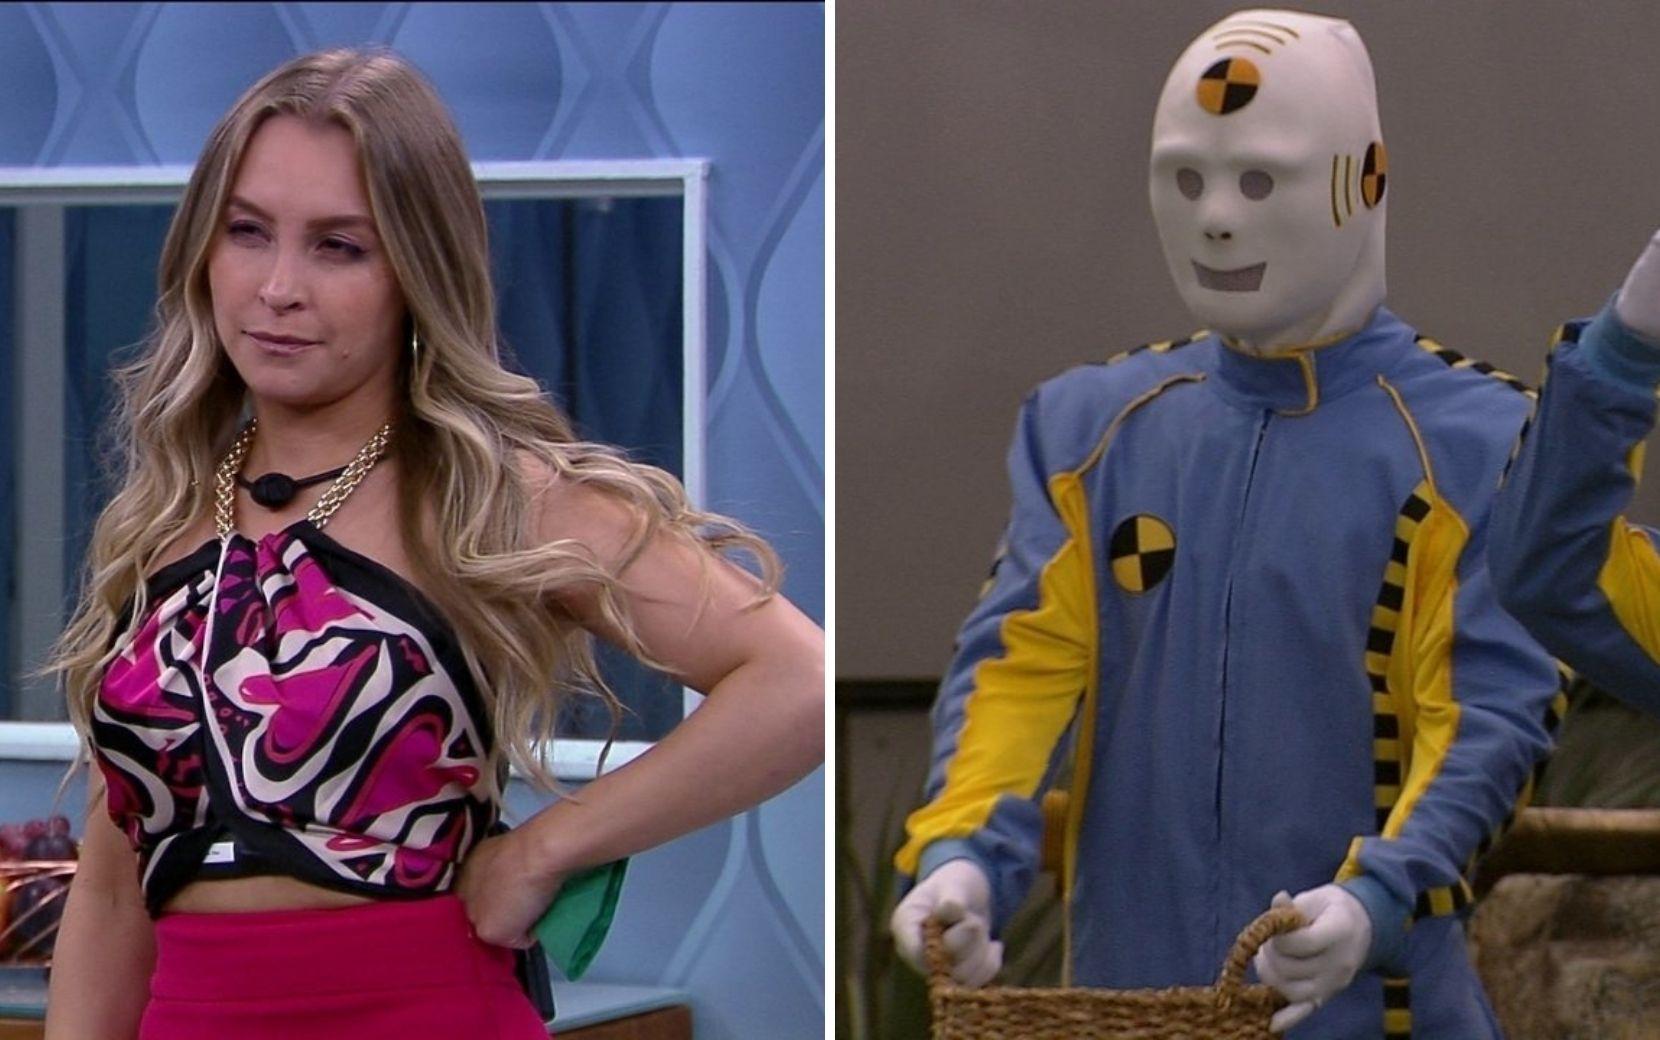 Carla Diaz retornando como Dummy? Boninho remarca horário de retorno da sister ao BBB21